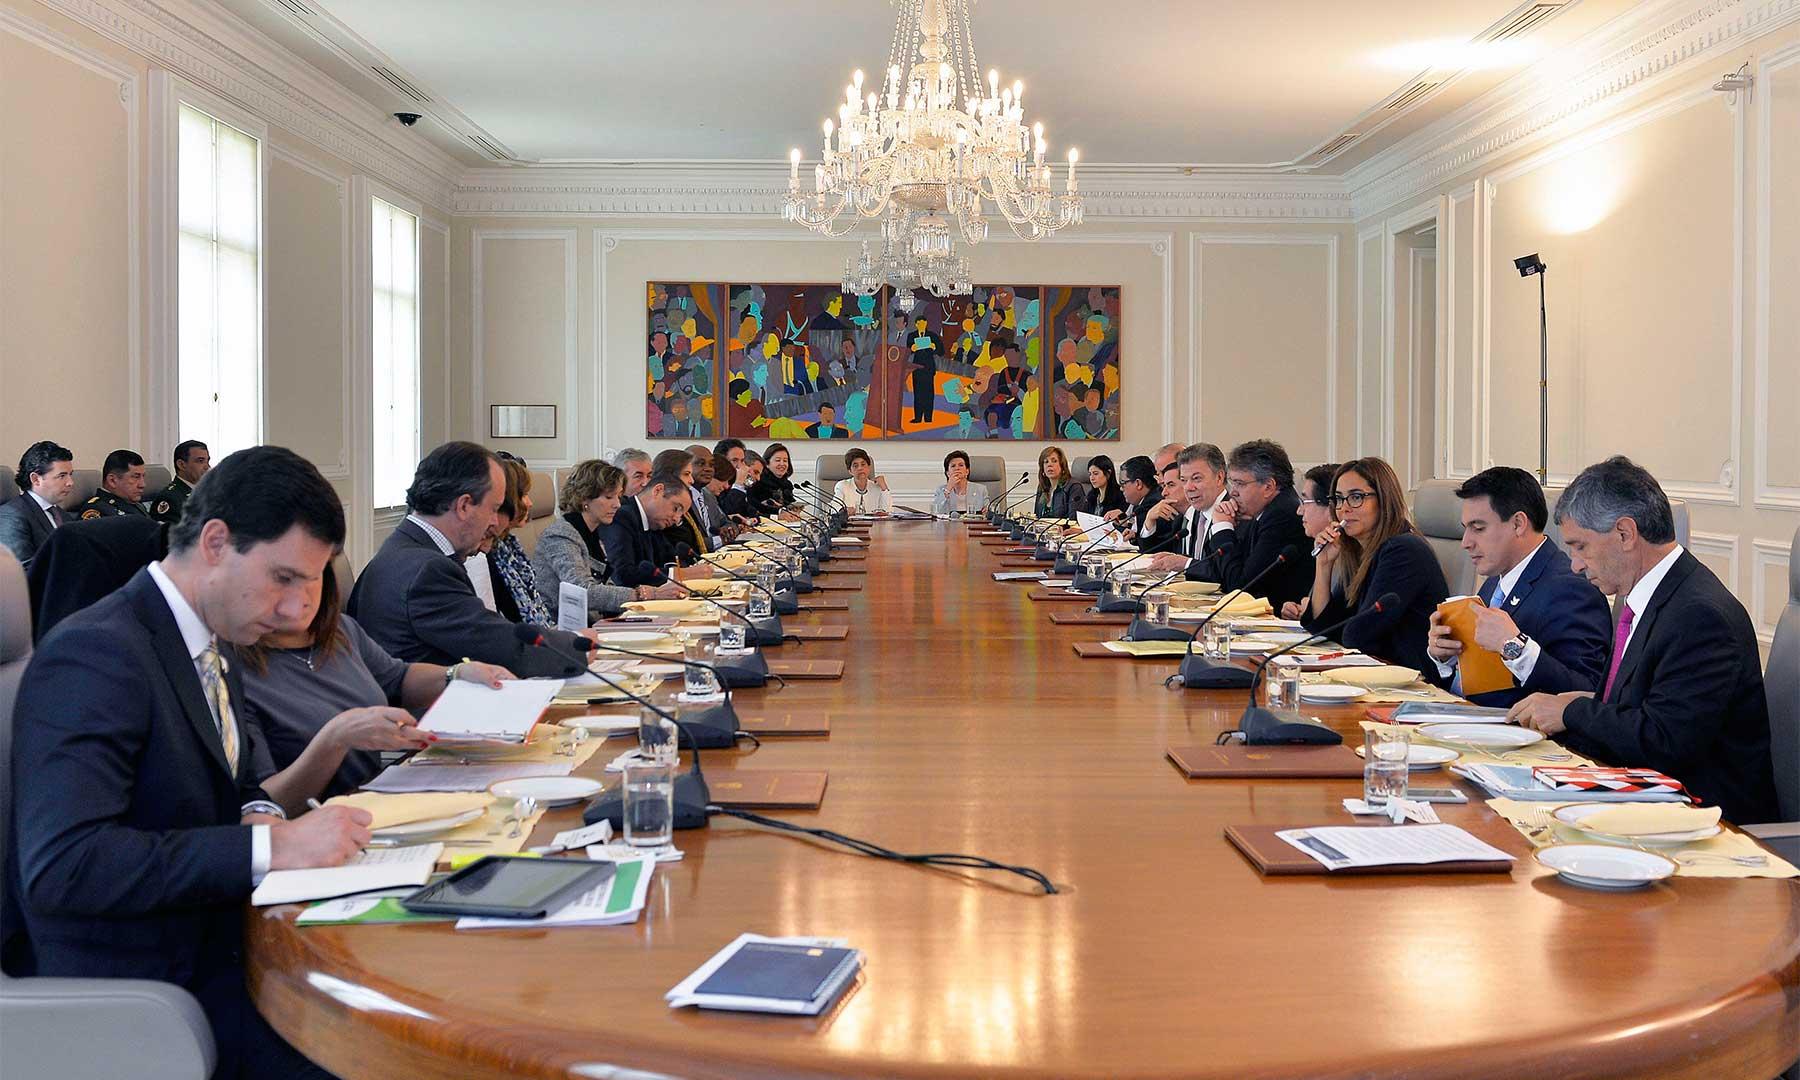 En la Casa de Nariño el Presidente Juan Manuel Santos encabeza la sesión semanal del Consejo de Ministros en la que participan los siete nuevos miembros del gabinete y la recientemente posesionada Directora de Coldeportes.